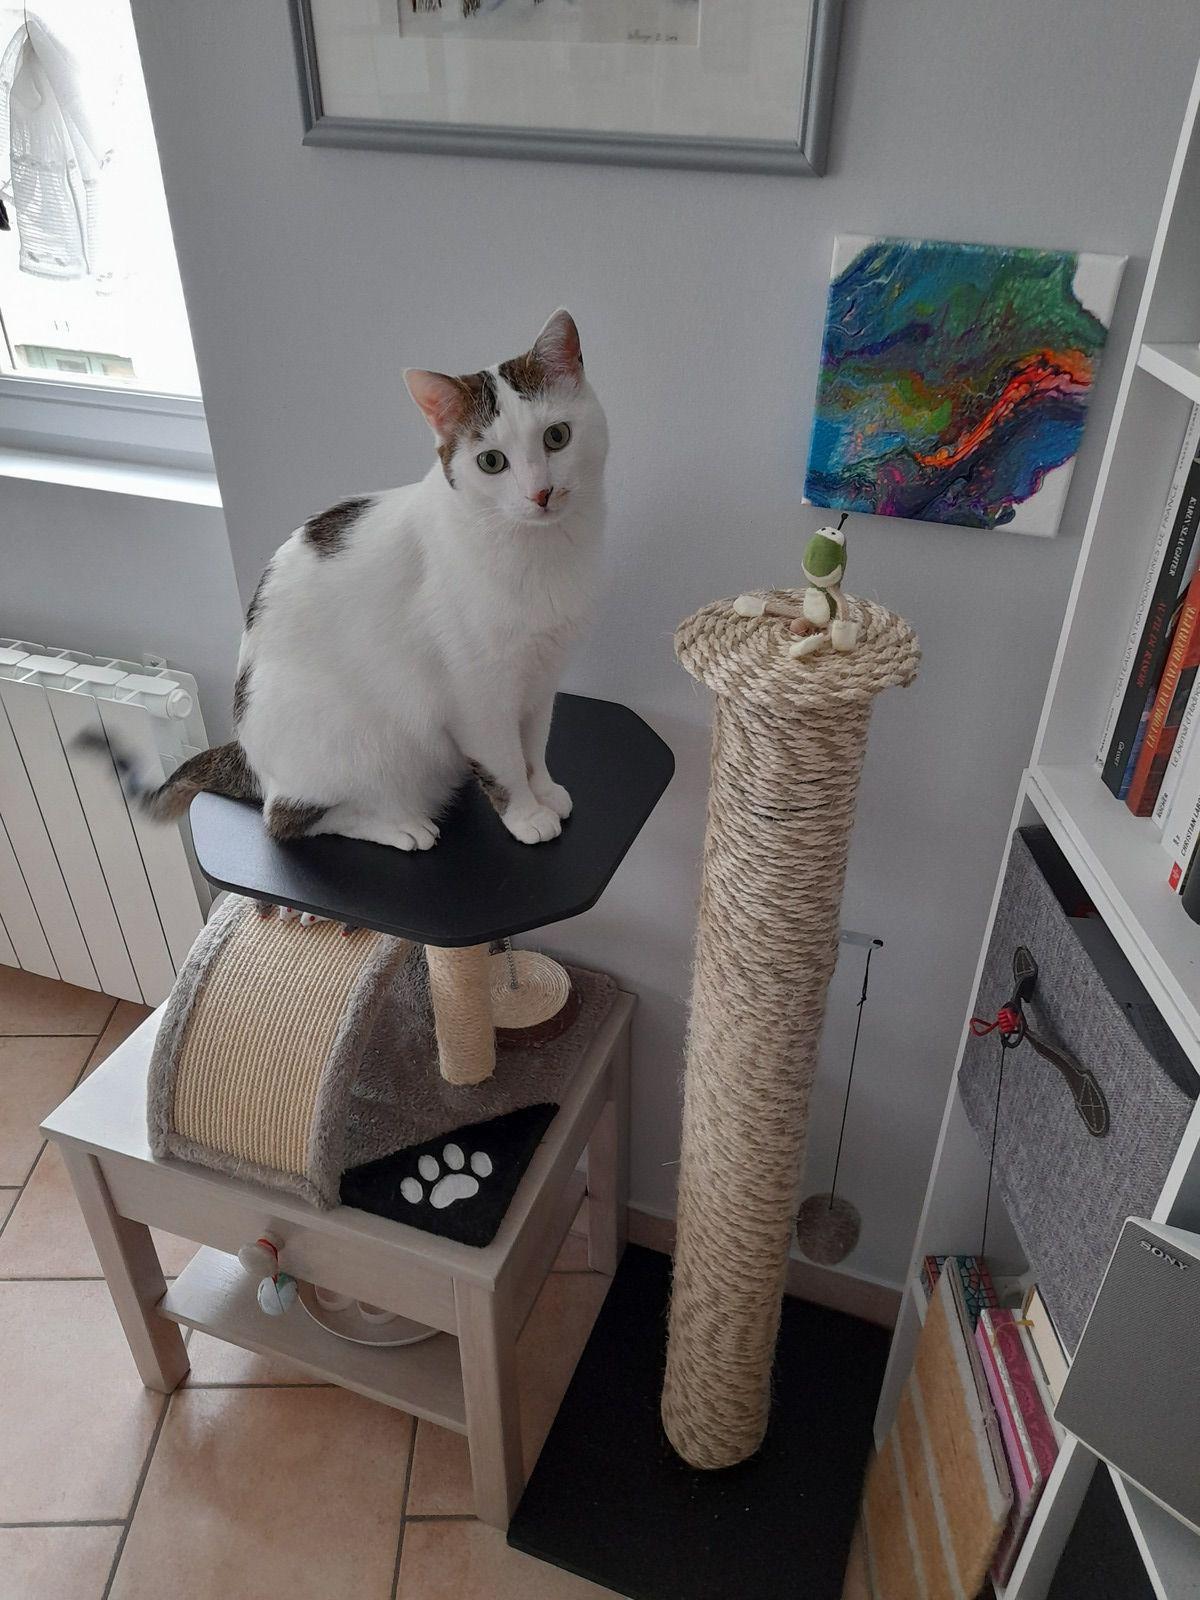 2020 Réalisation d'un griffoir pour Pelote avec un tuyau en PVC, une planche de médium et 60 m de corde / modification de l'arbre à chat (remplacement du plateau de couchage)